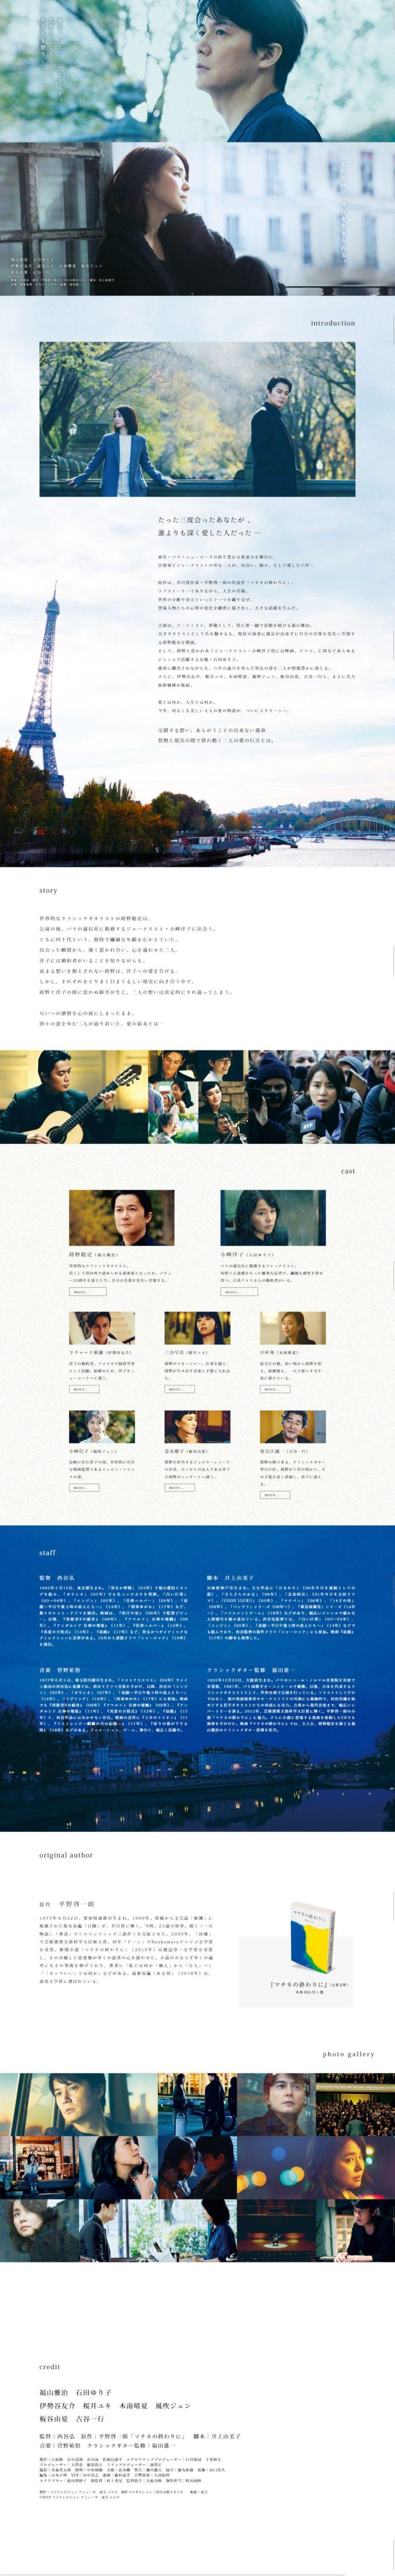 映画『マチネの終わりに』公式サイト